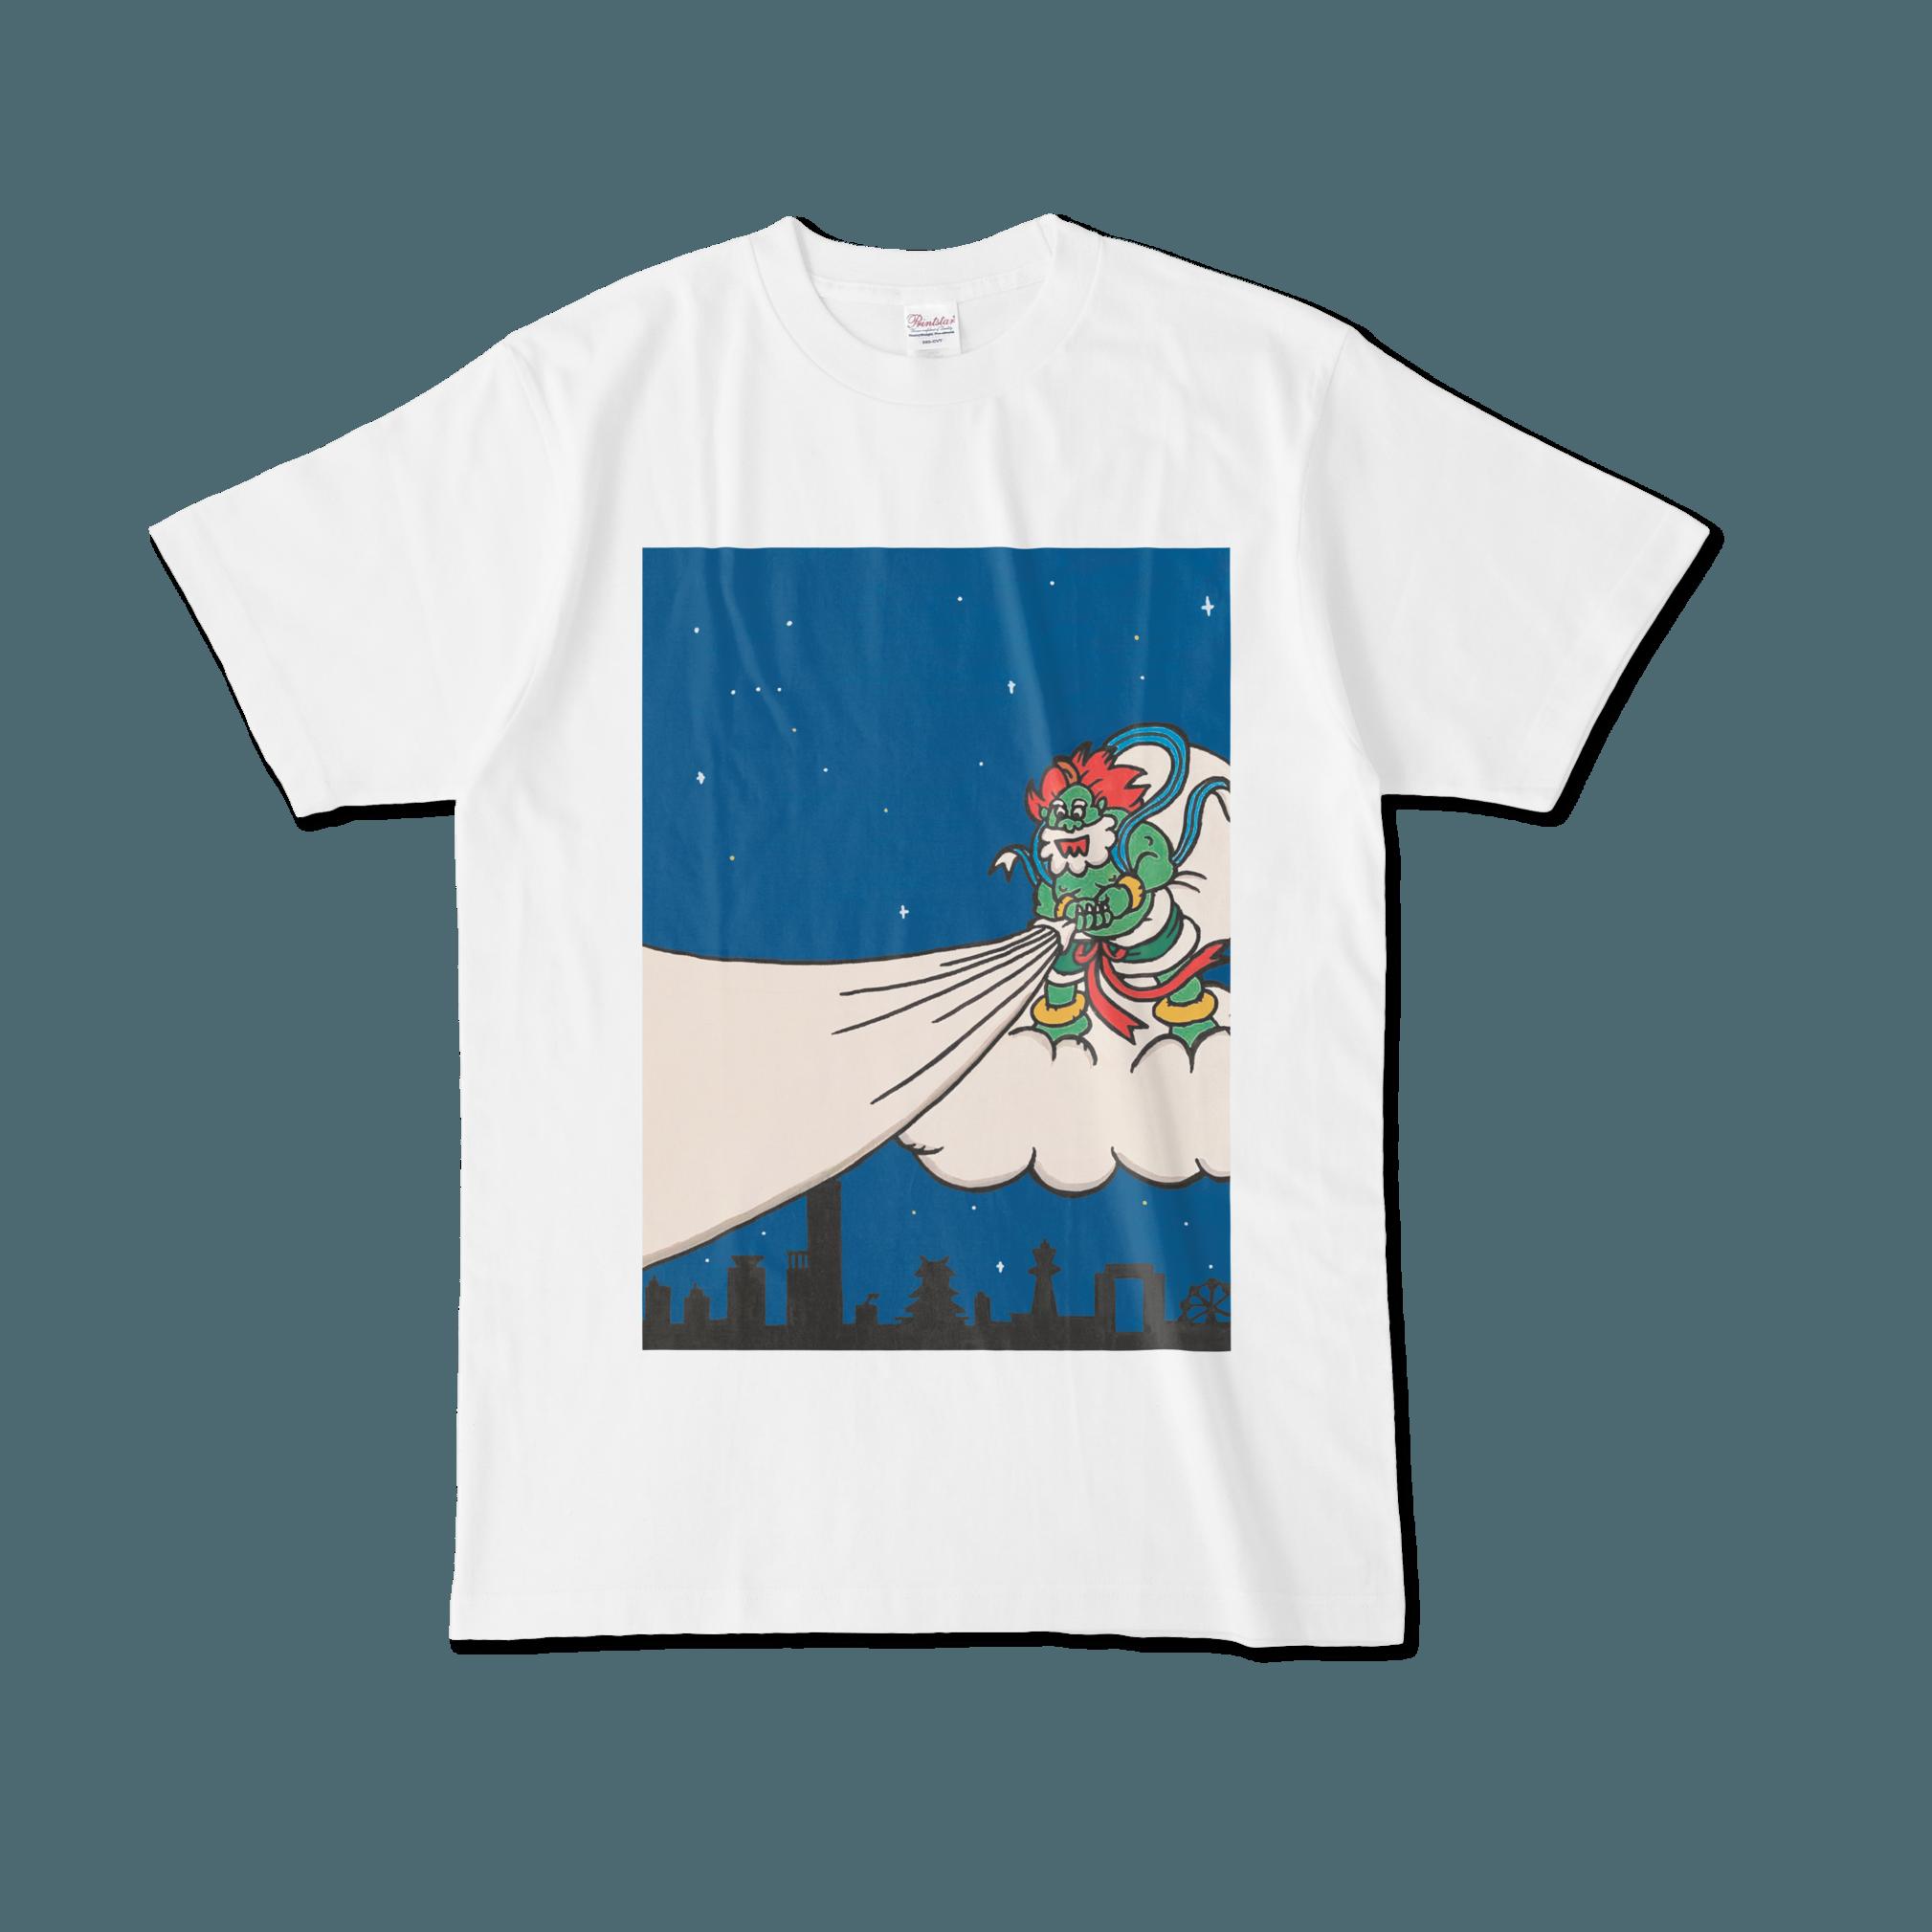 【税込・送料無料】ネゴシックス デザインTシャツ「出してません吸ってまんねん」